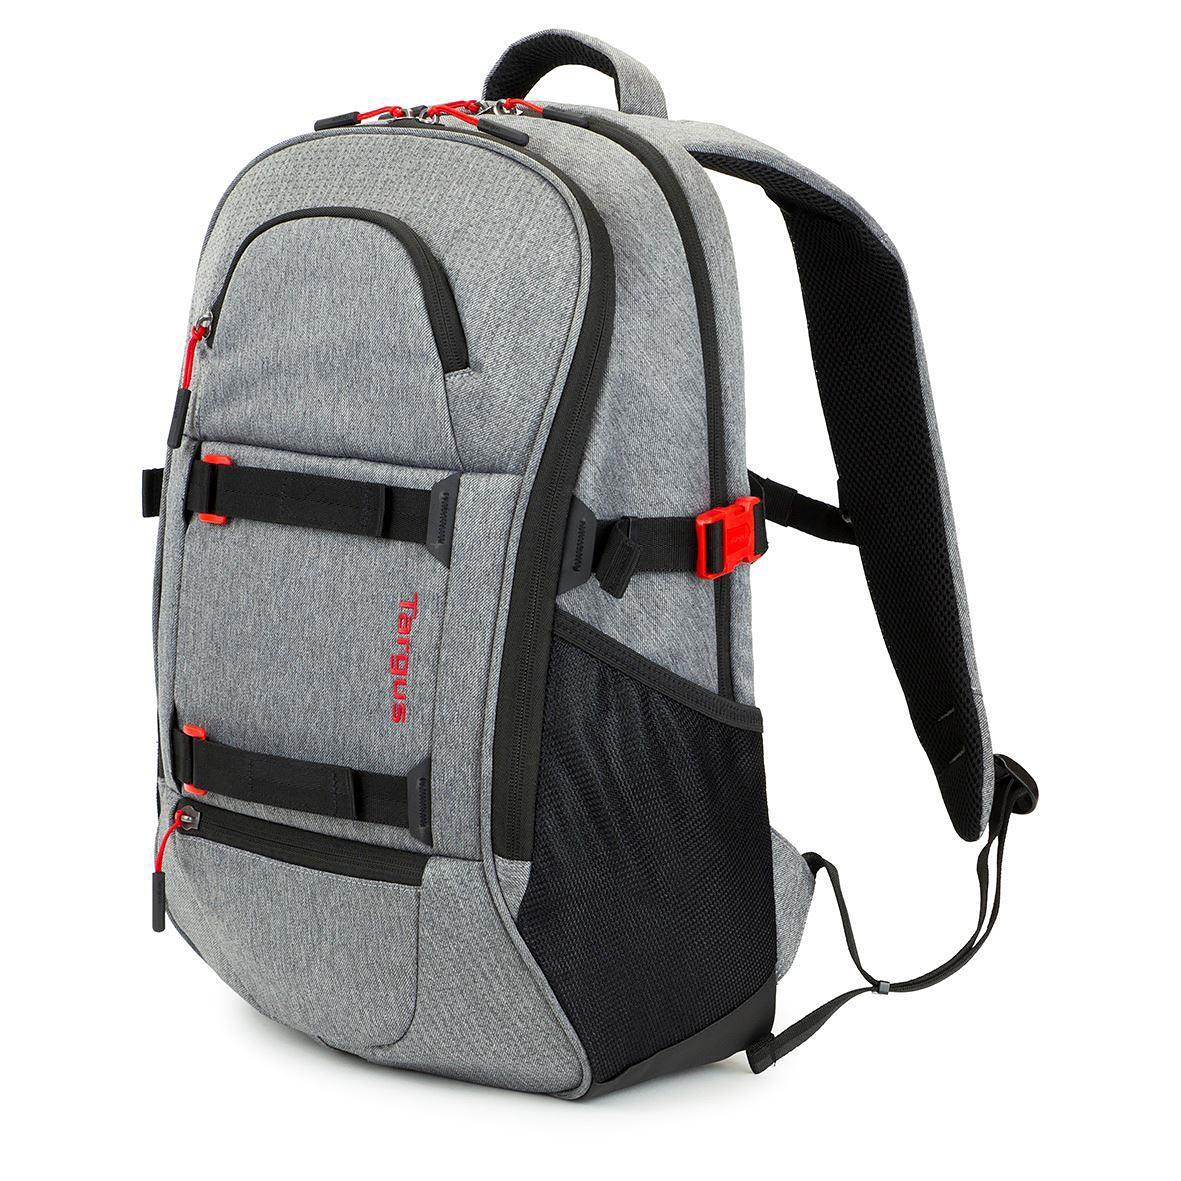 774cc2907991 ... Мужской рюкзак из текстиля наиболее популярен в городских джунглях